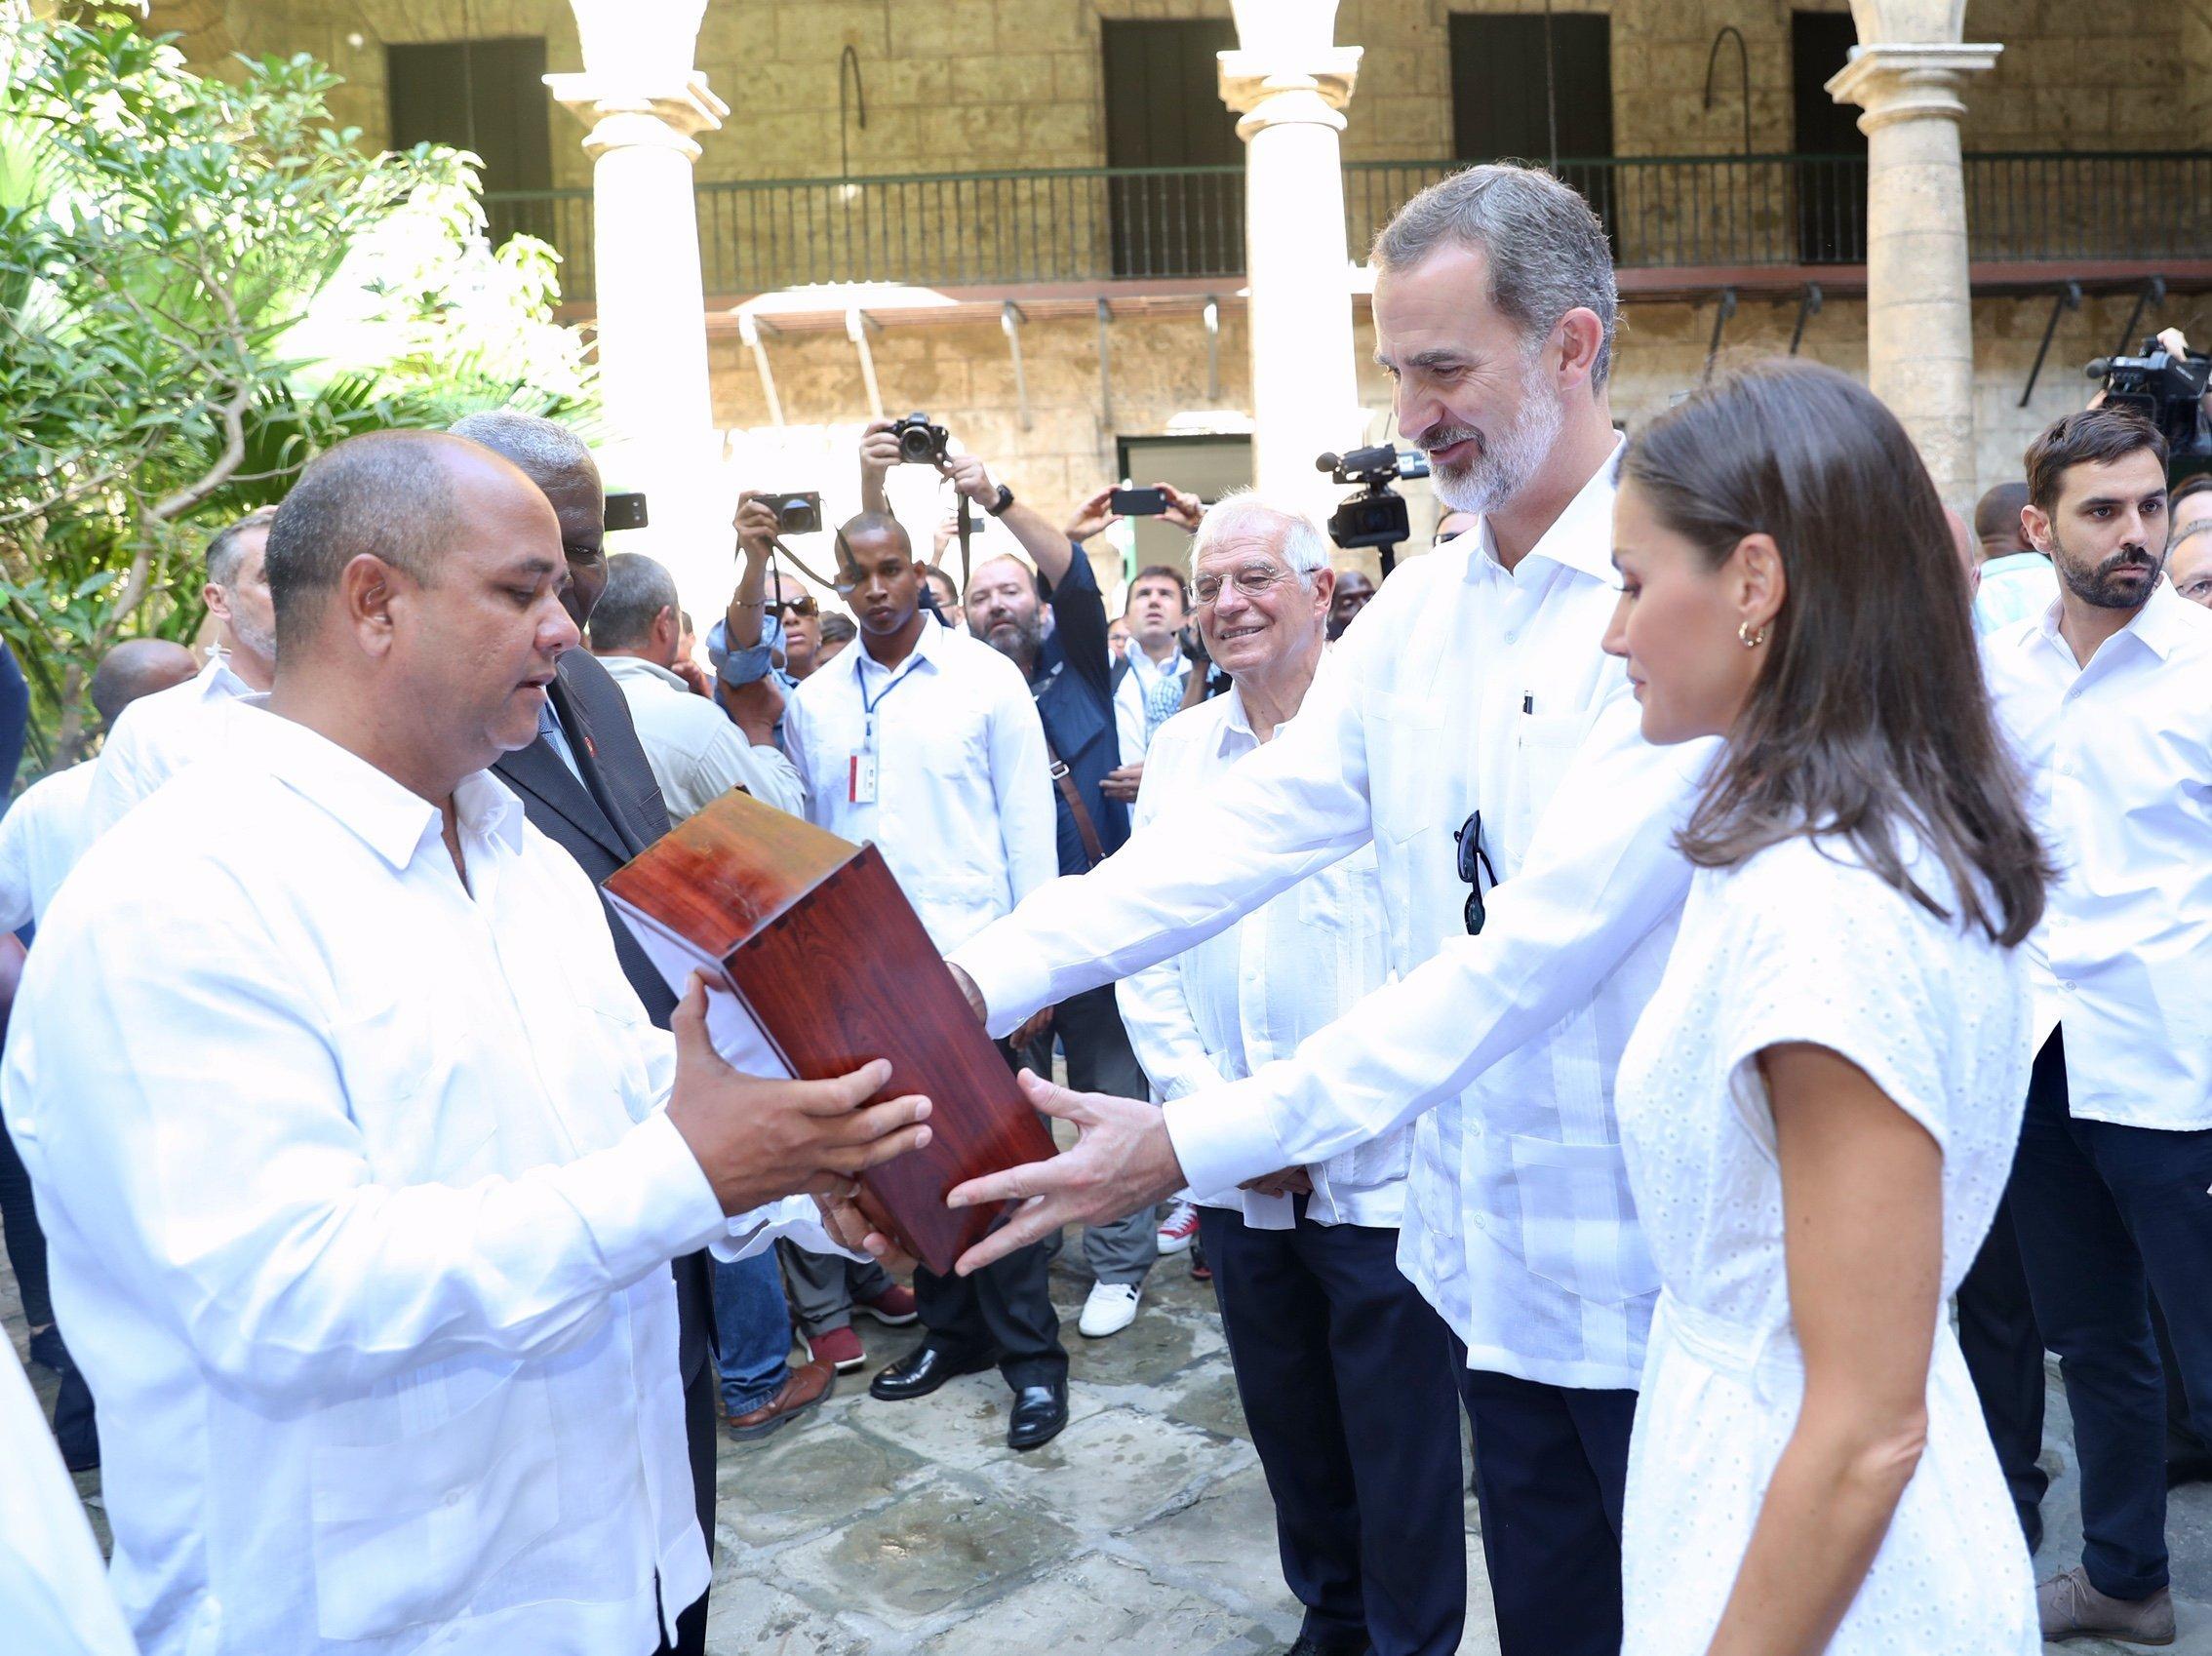 """El presidente de la Asamblea Provincial de La Habana, Reinaldo García Zapata, entrega a  los reyes de España la """"Giraldilla"""", el símbolo de la capital cubana, en el Palacio de los Capitanes Generales de La Habana, el 13 de noviembre de 2019. Foto: @CasaReal / Twitter."""